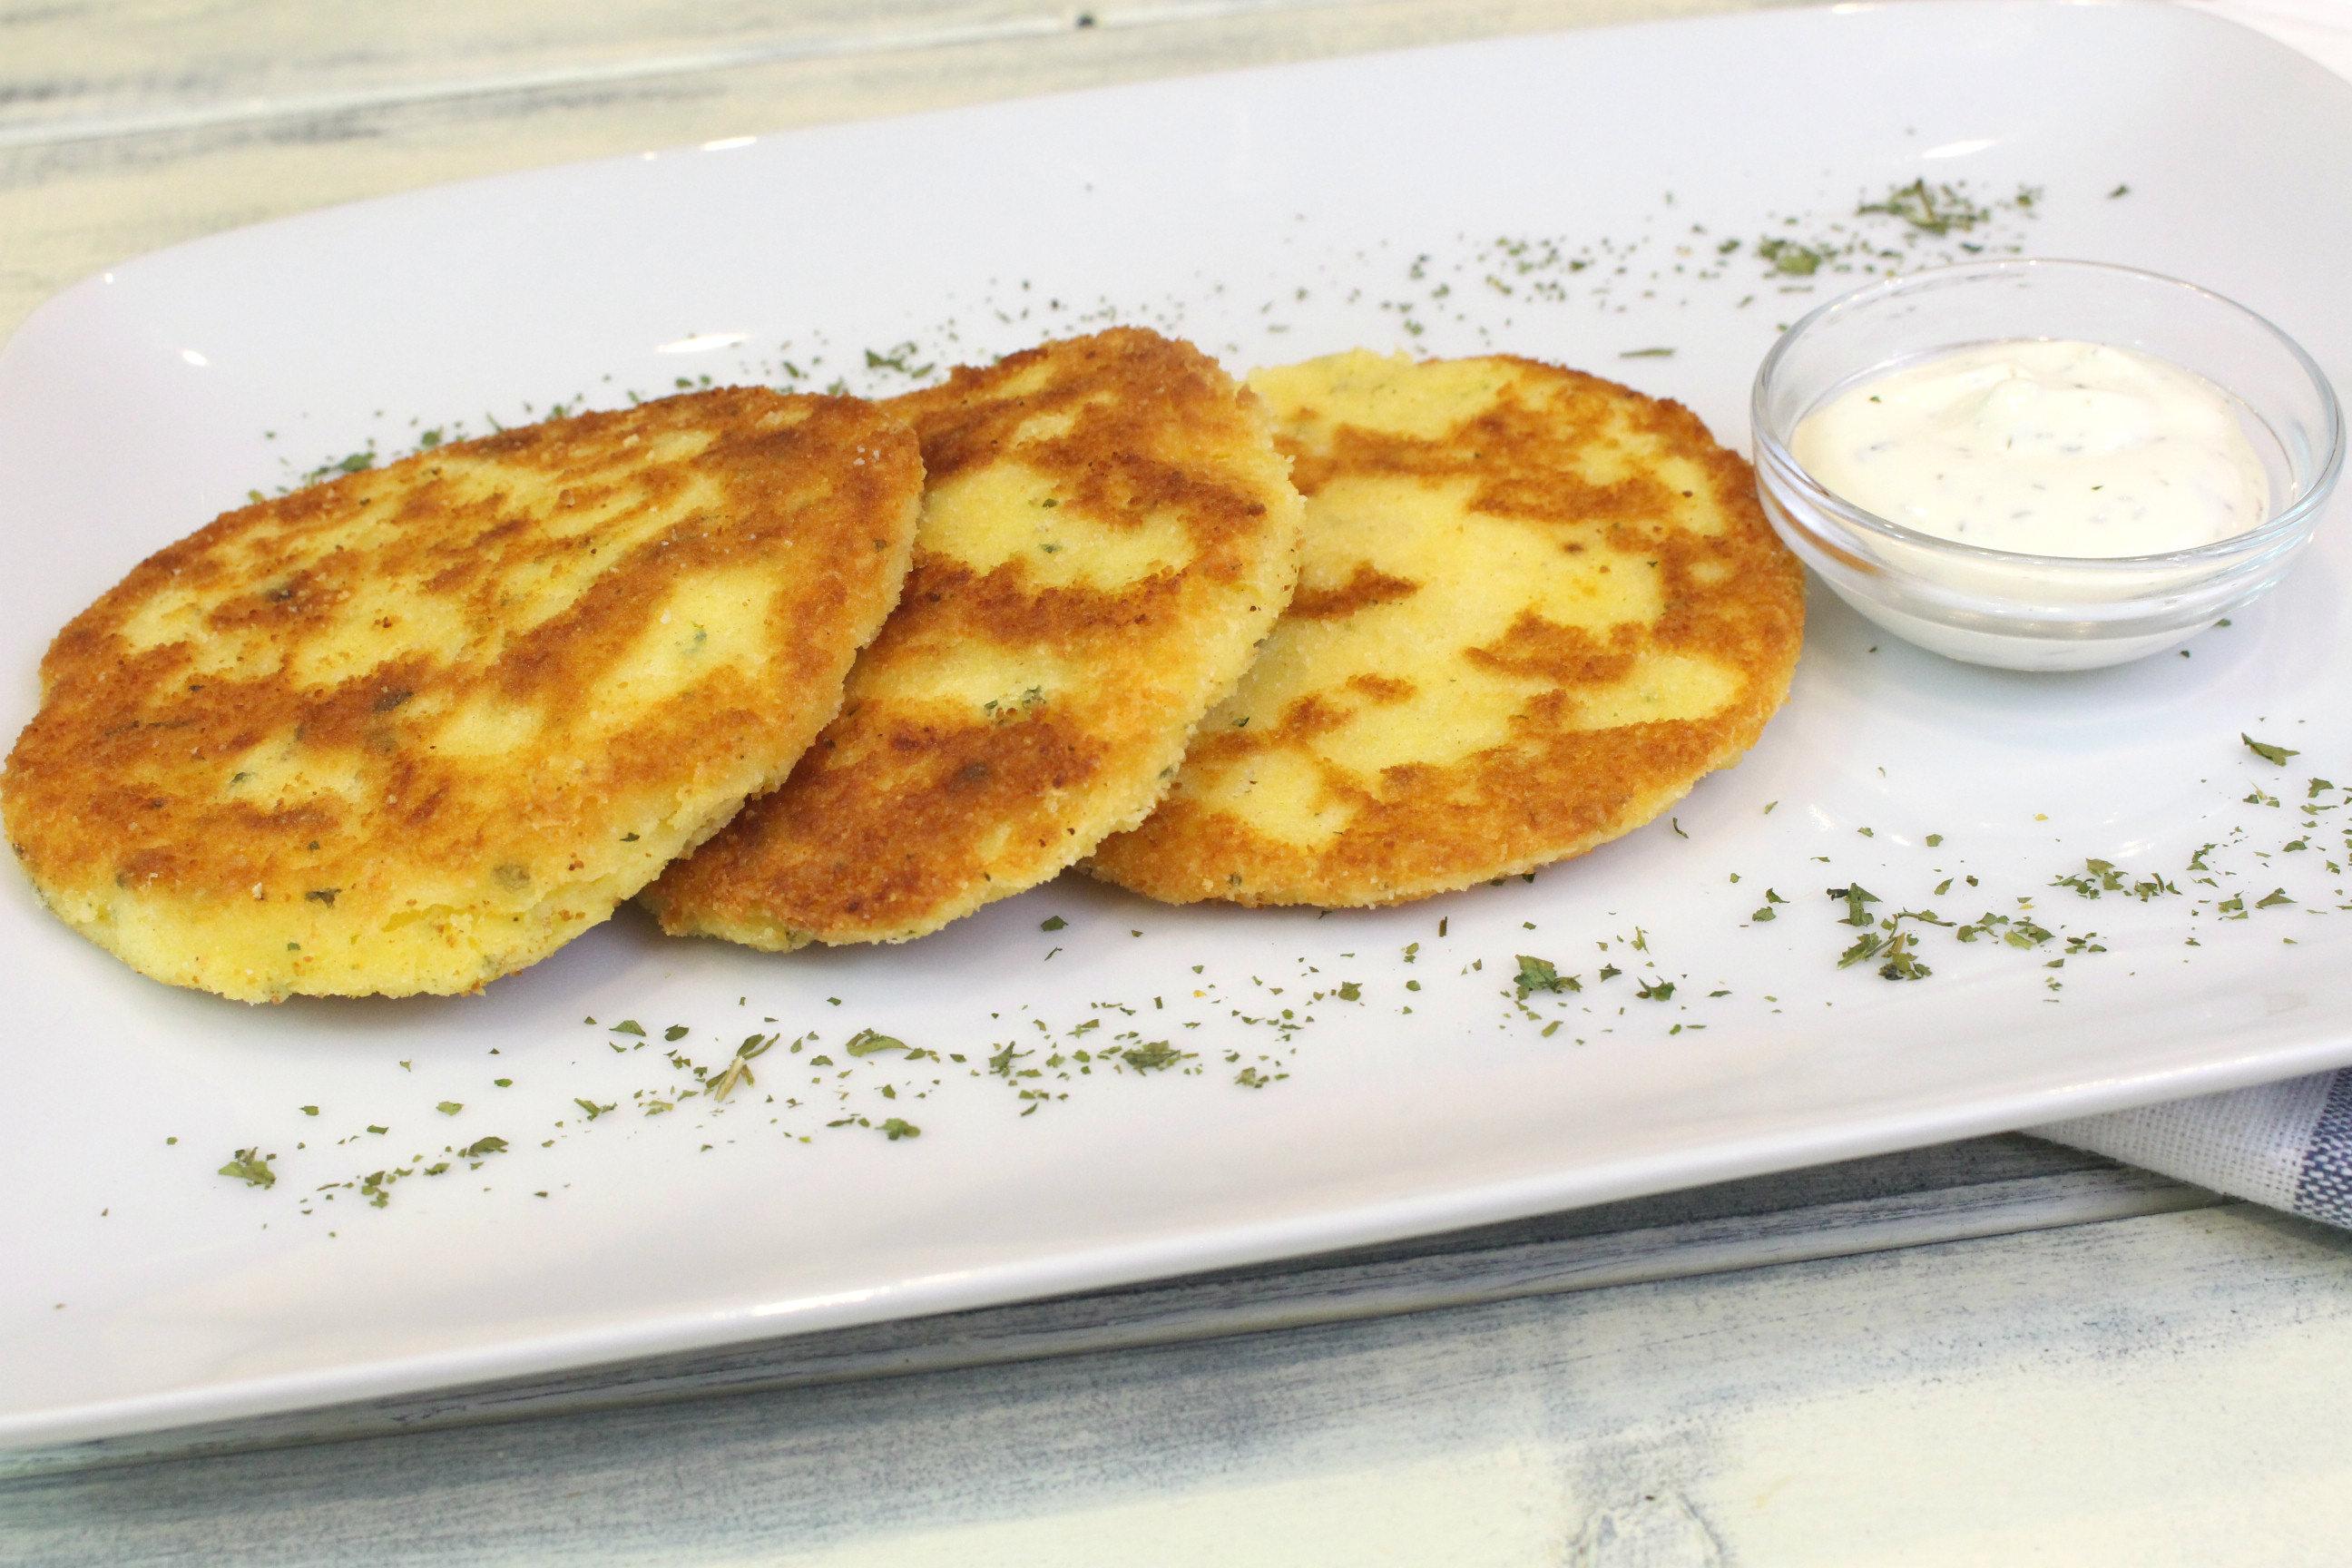 Receta de tortitas de patata